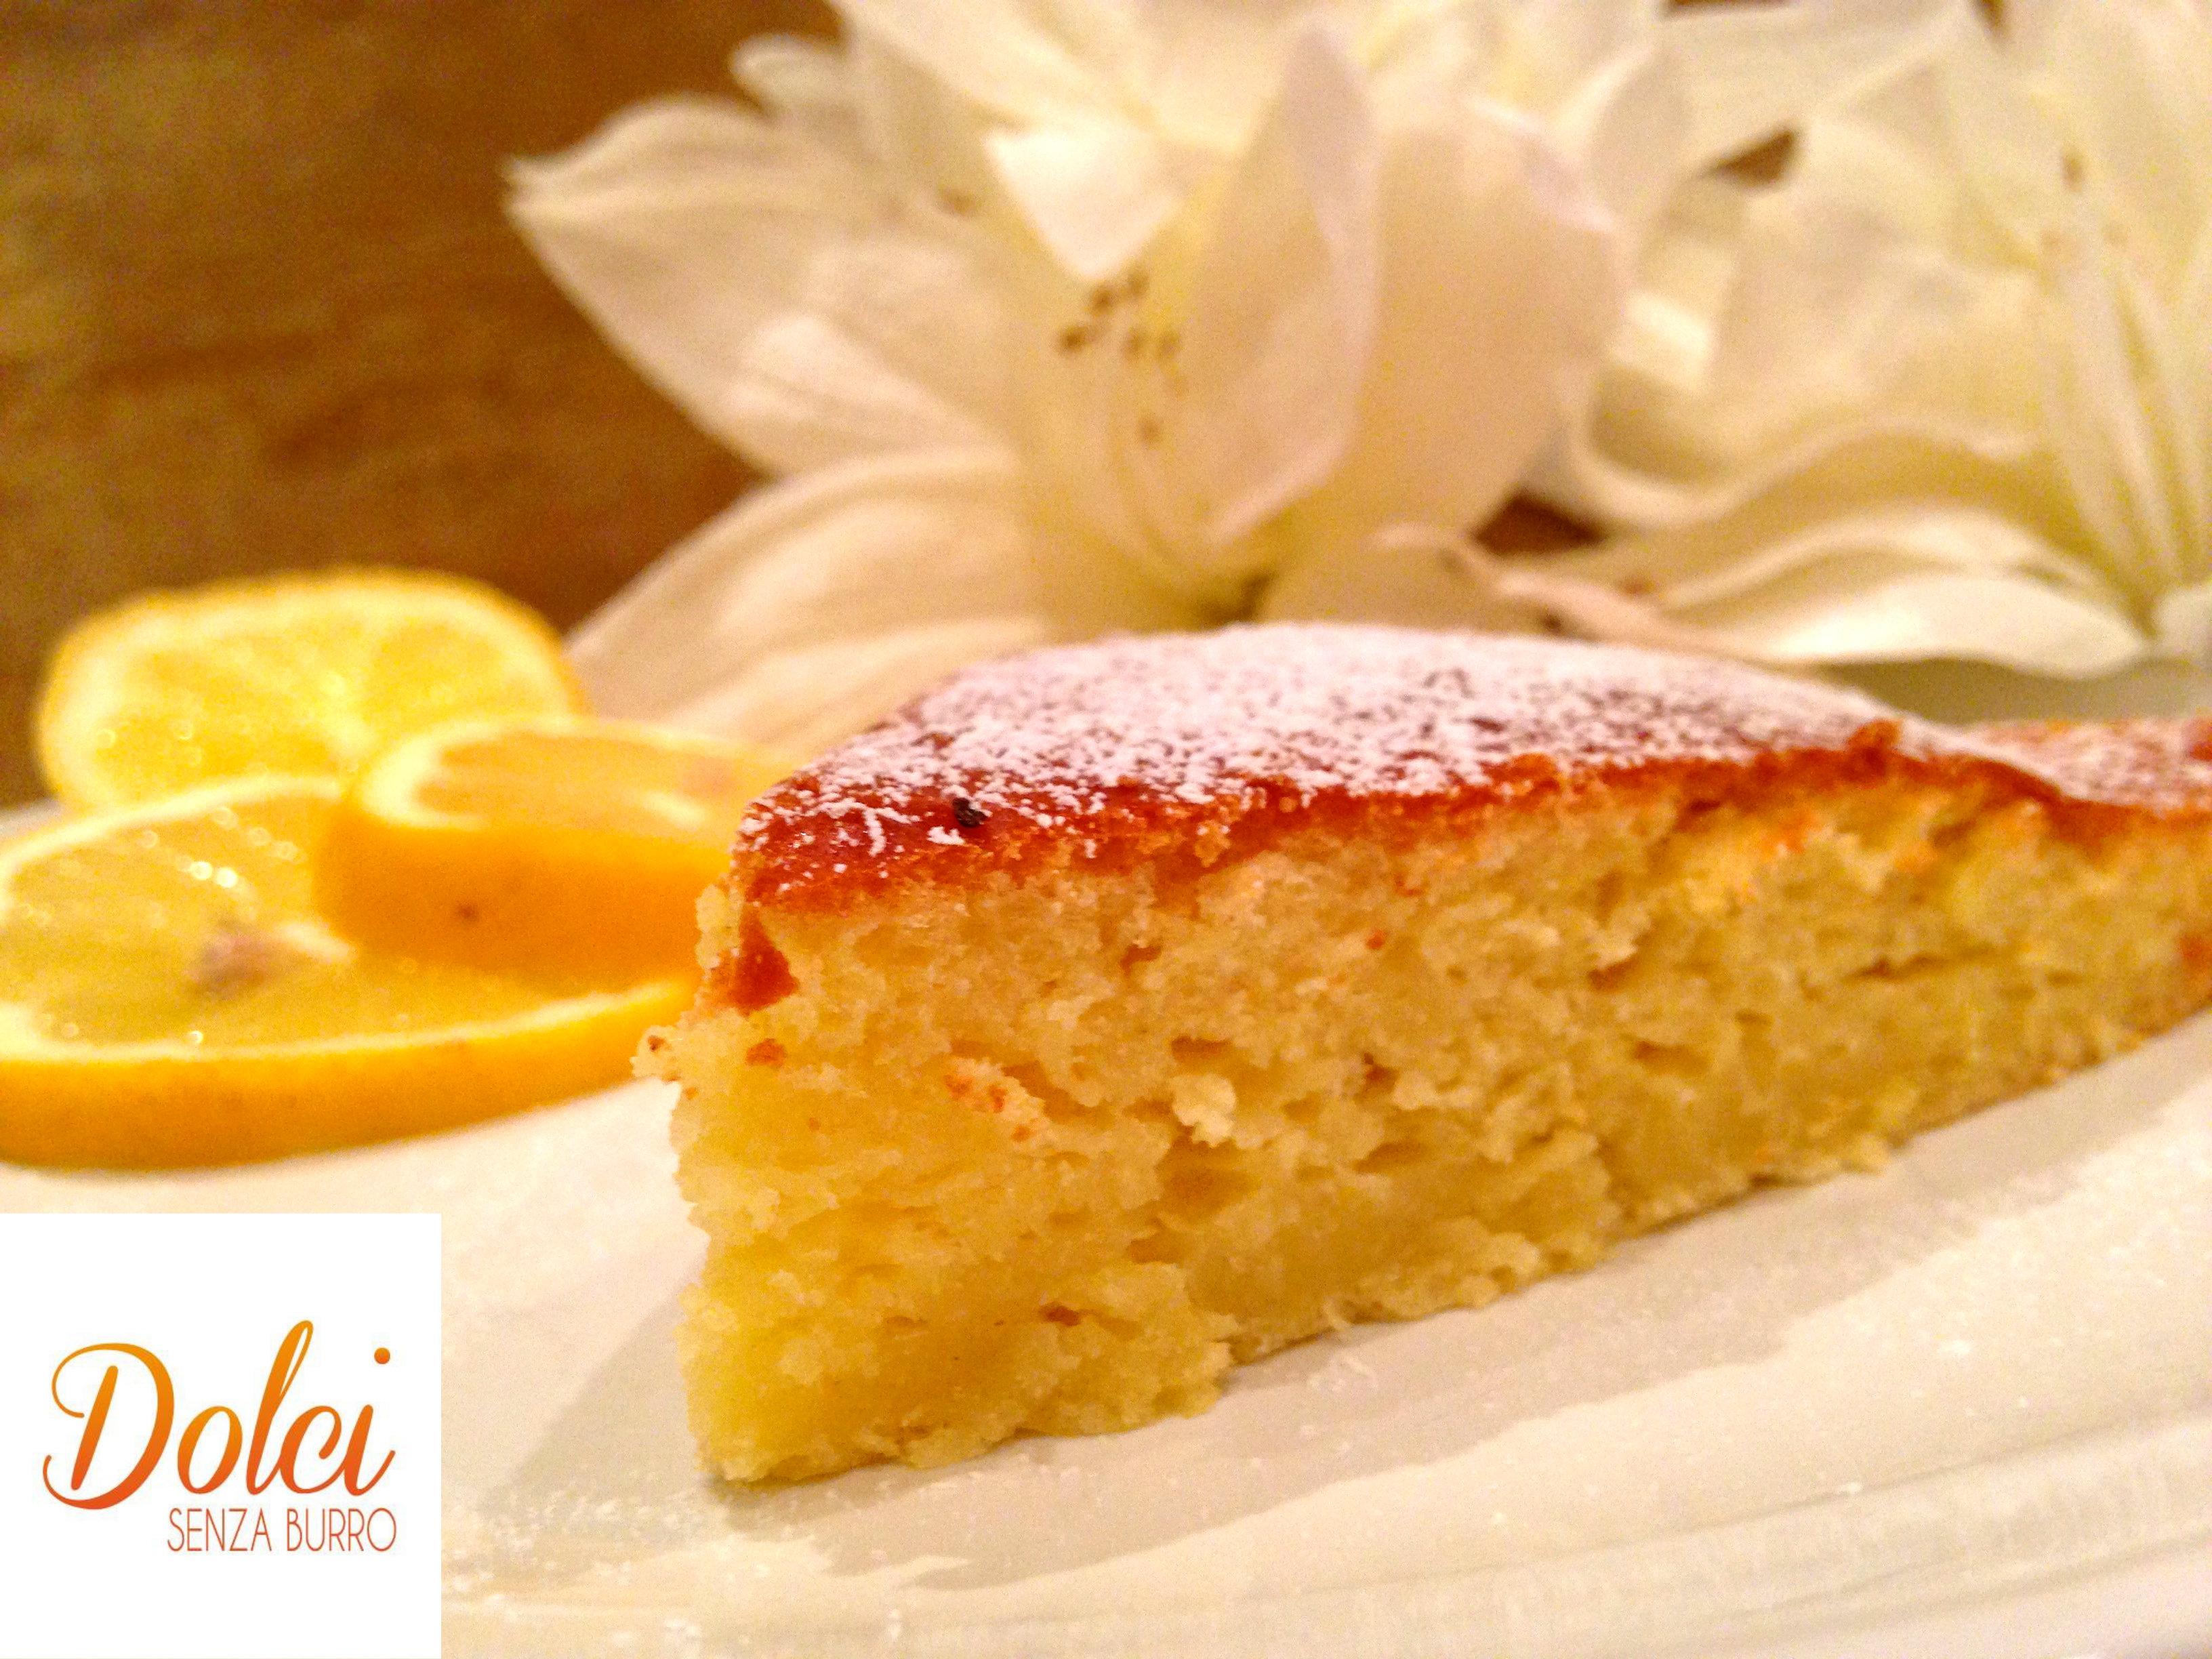 La torta al limone senza burro, delicata e leggera di dolci senza burro